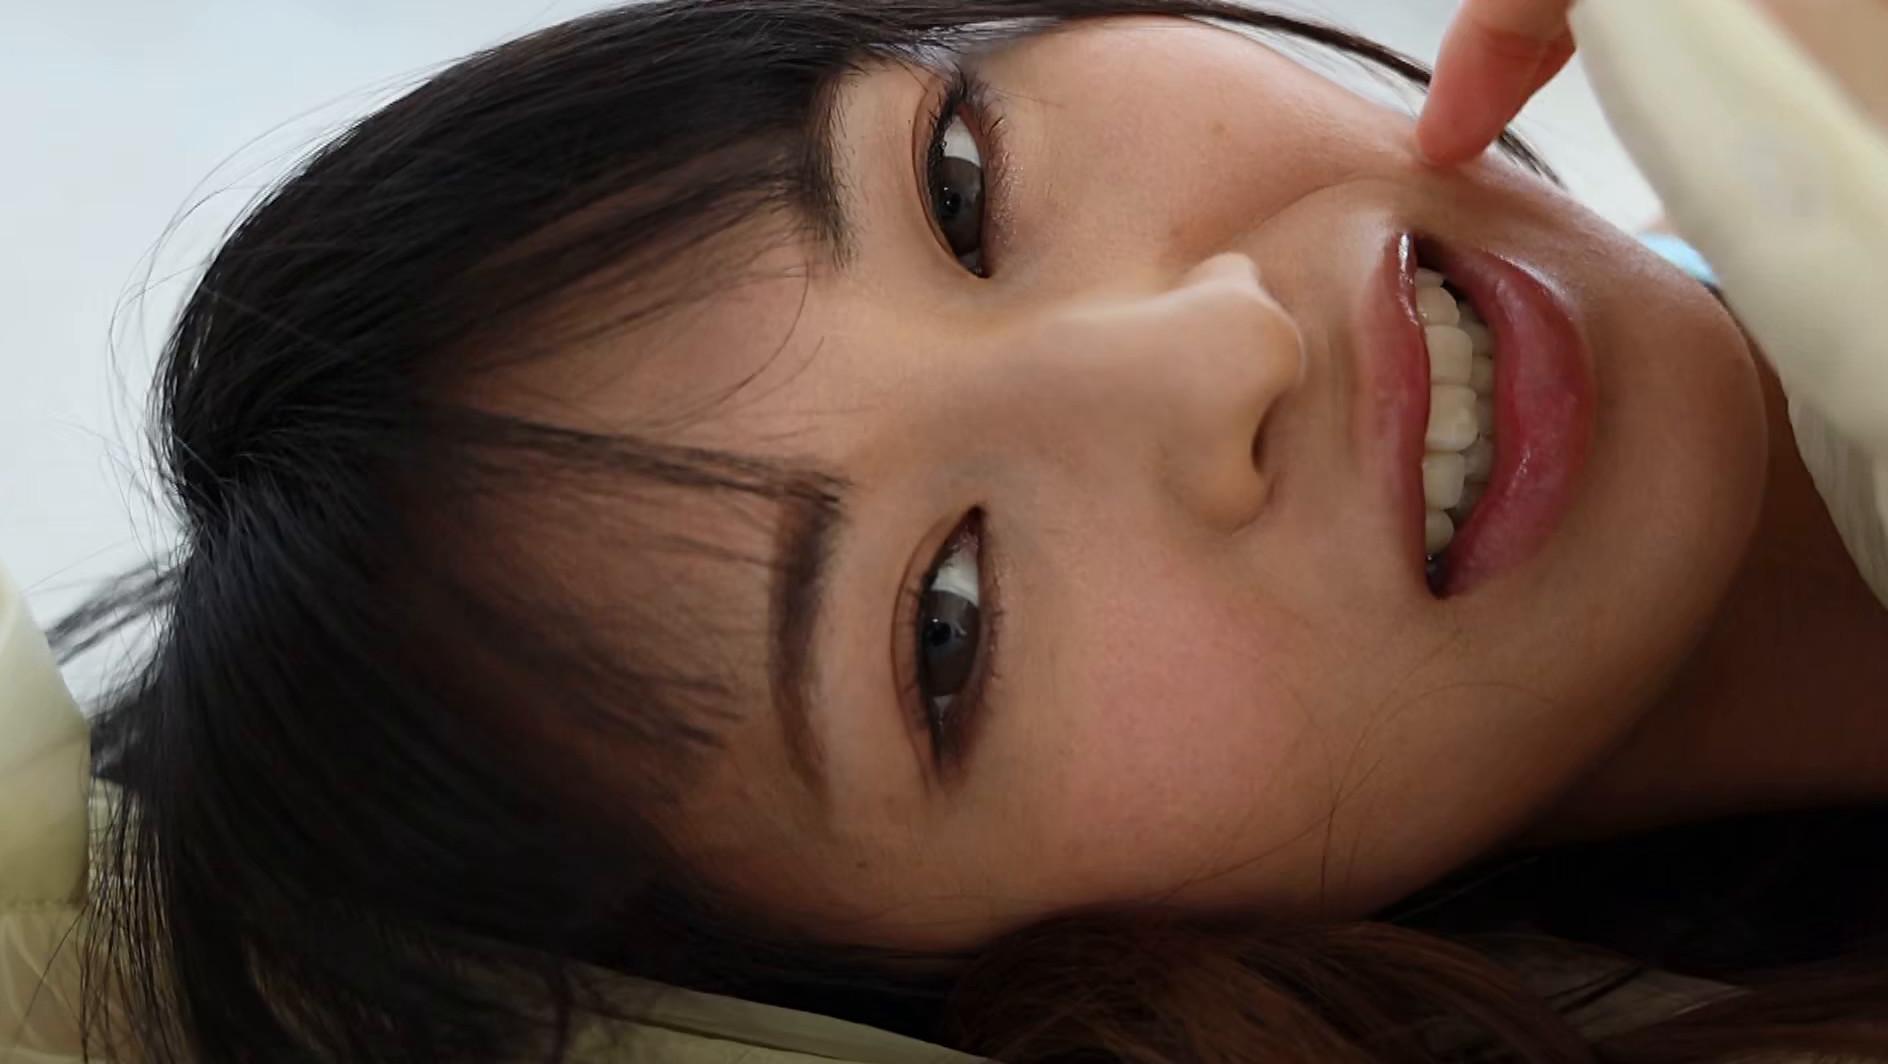 スワロウテイルコネクション 柊木楓 画像5